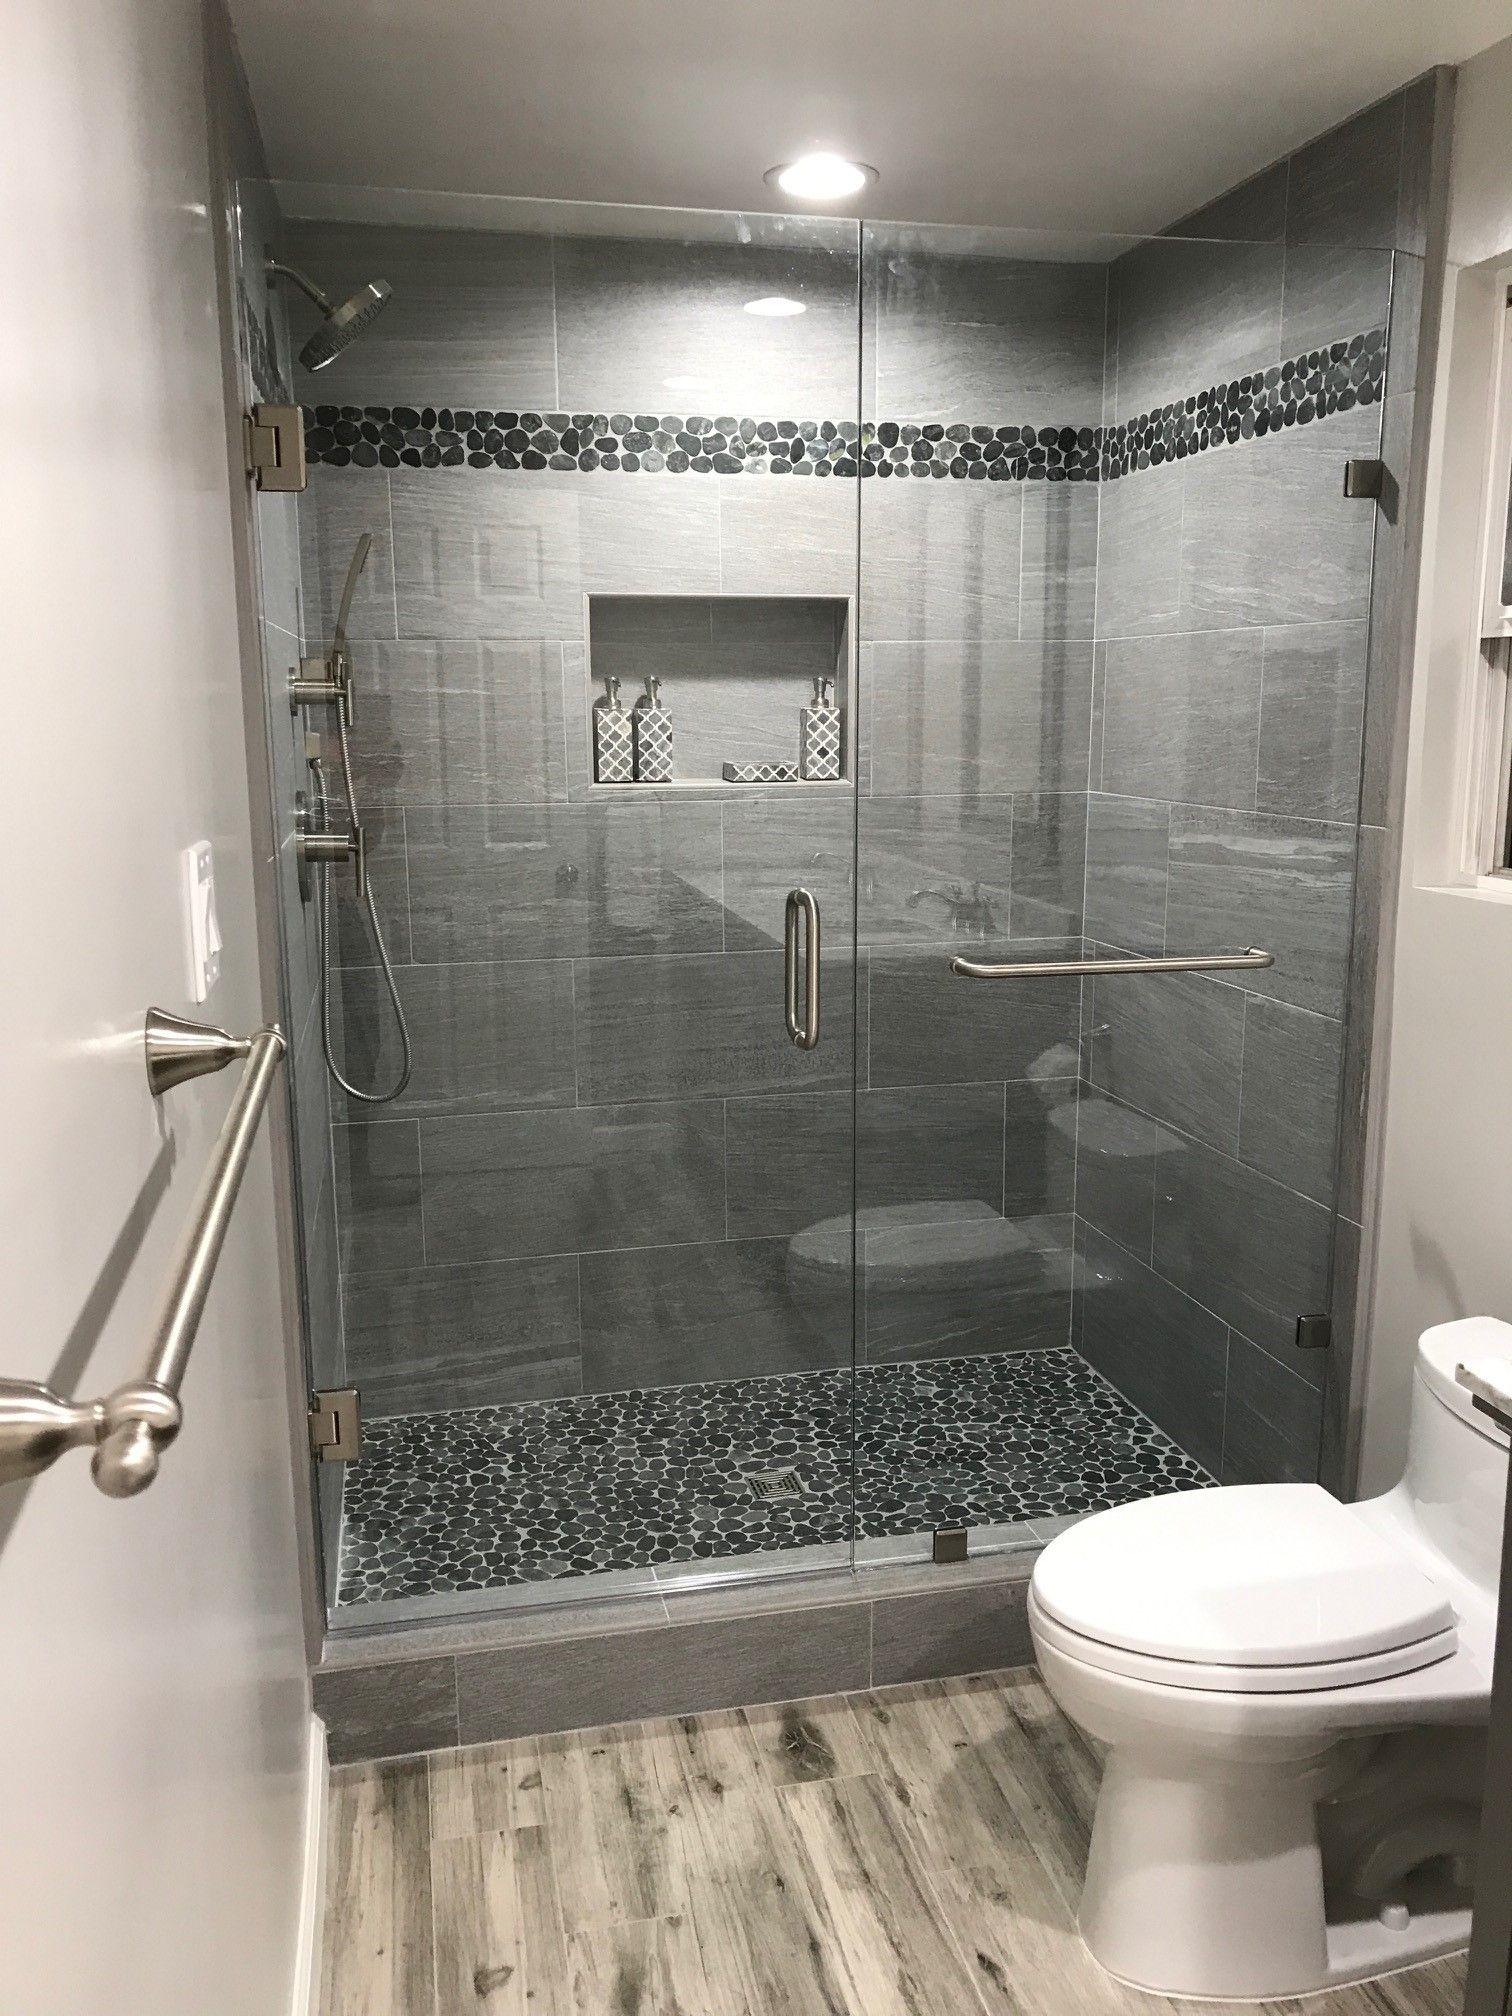 Sliced Charcoal Black Pebble Tile Bathrooms Remodel Small Bathroom Remodel Bathroom Interior